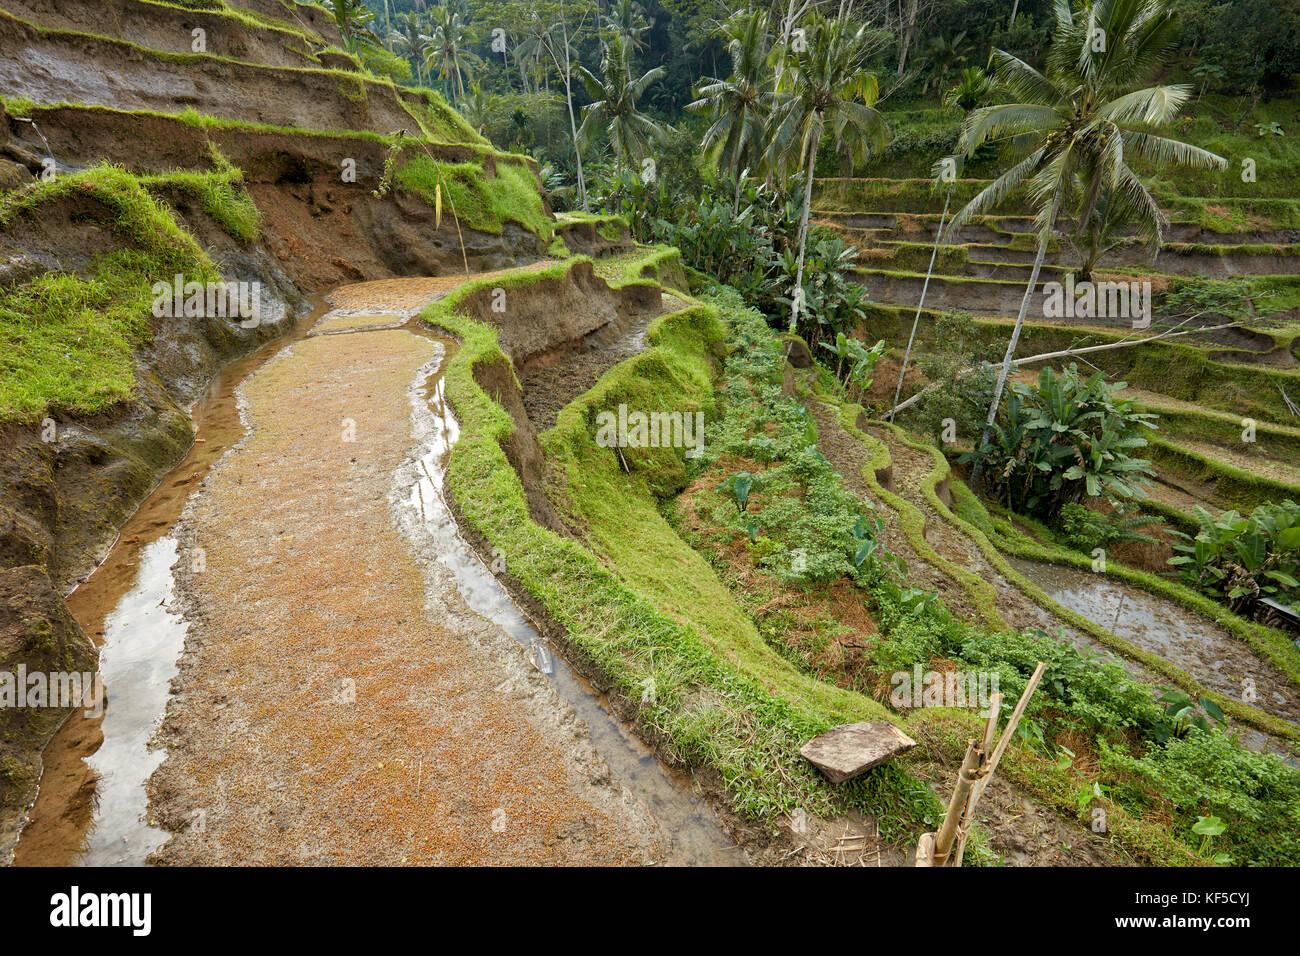 Terrazas de arroz tegalalang. tegalalang village, Bali, Indonesia. Imagen De Stock